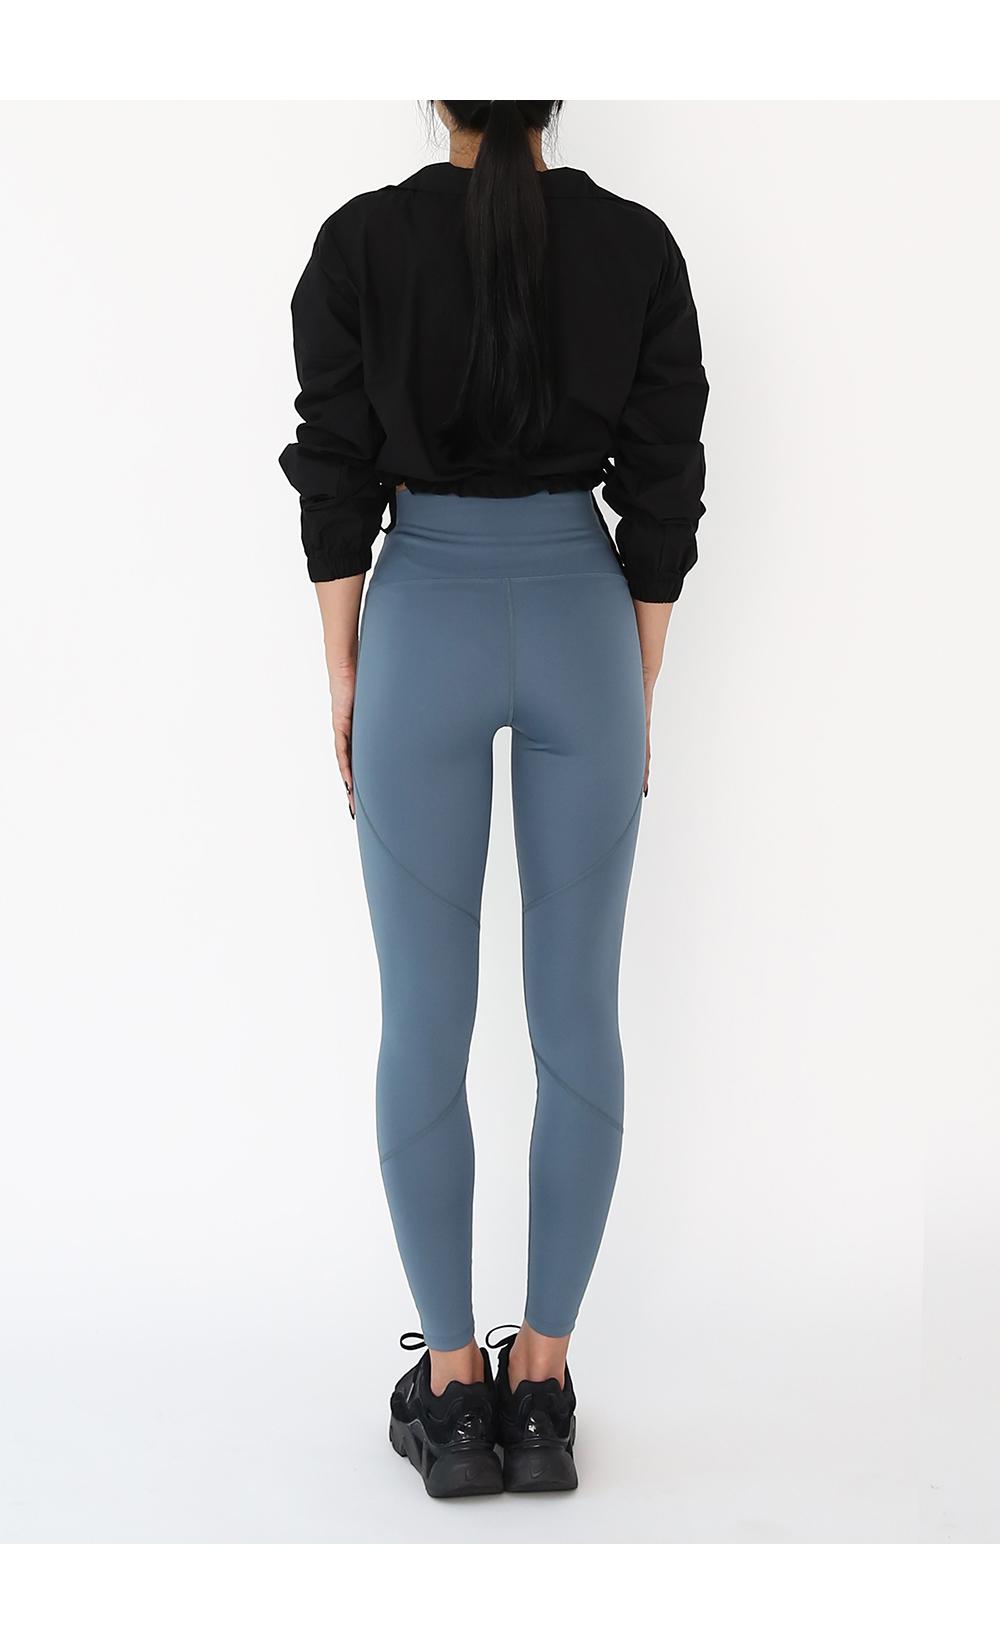 褲子模特穿著形象 - S1L8